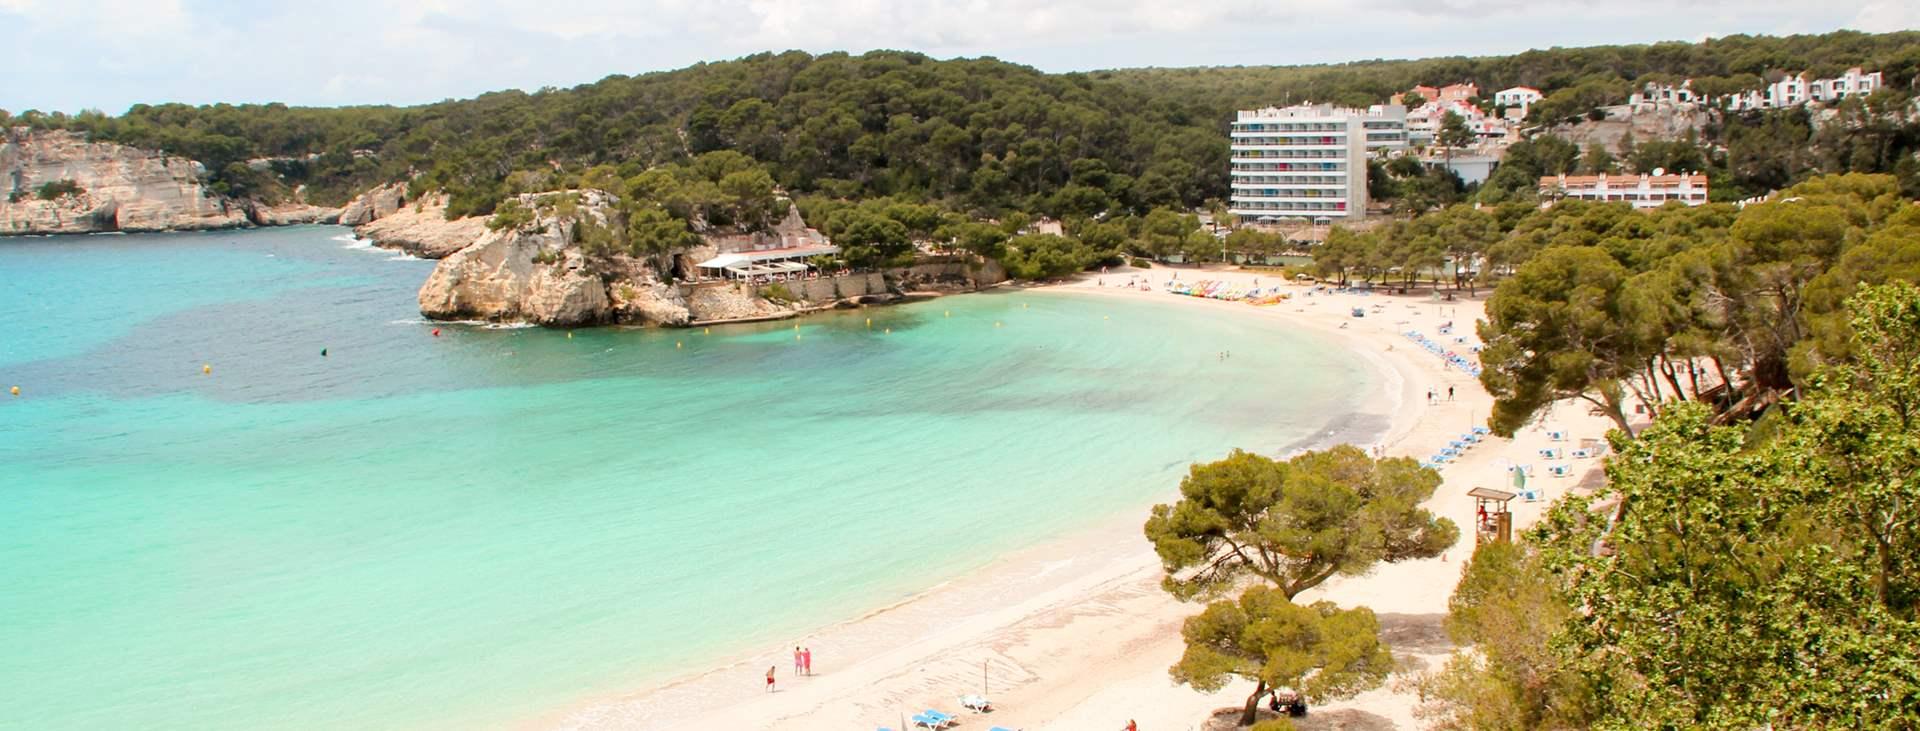 Boka din resa till Cala Galdana på Menorca med Ving